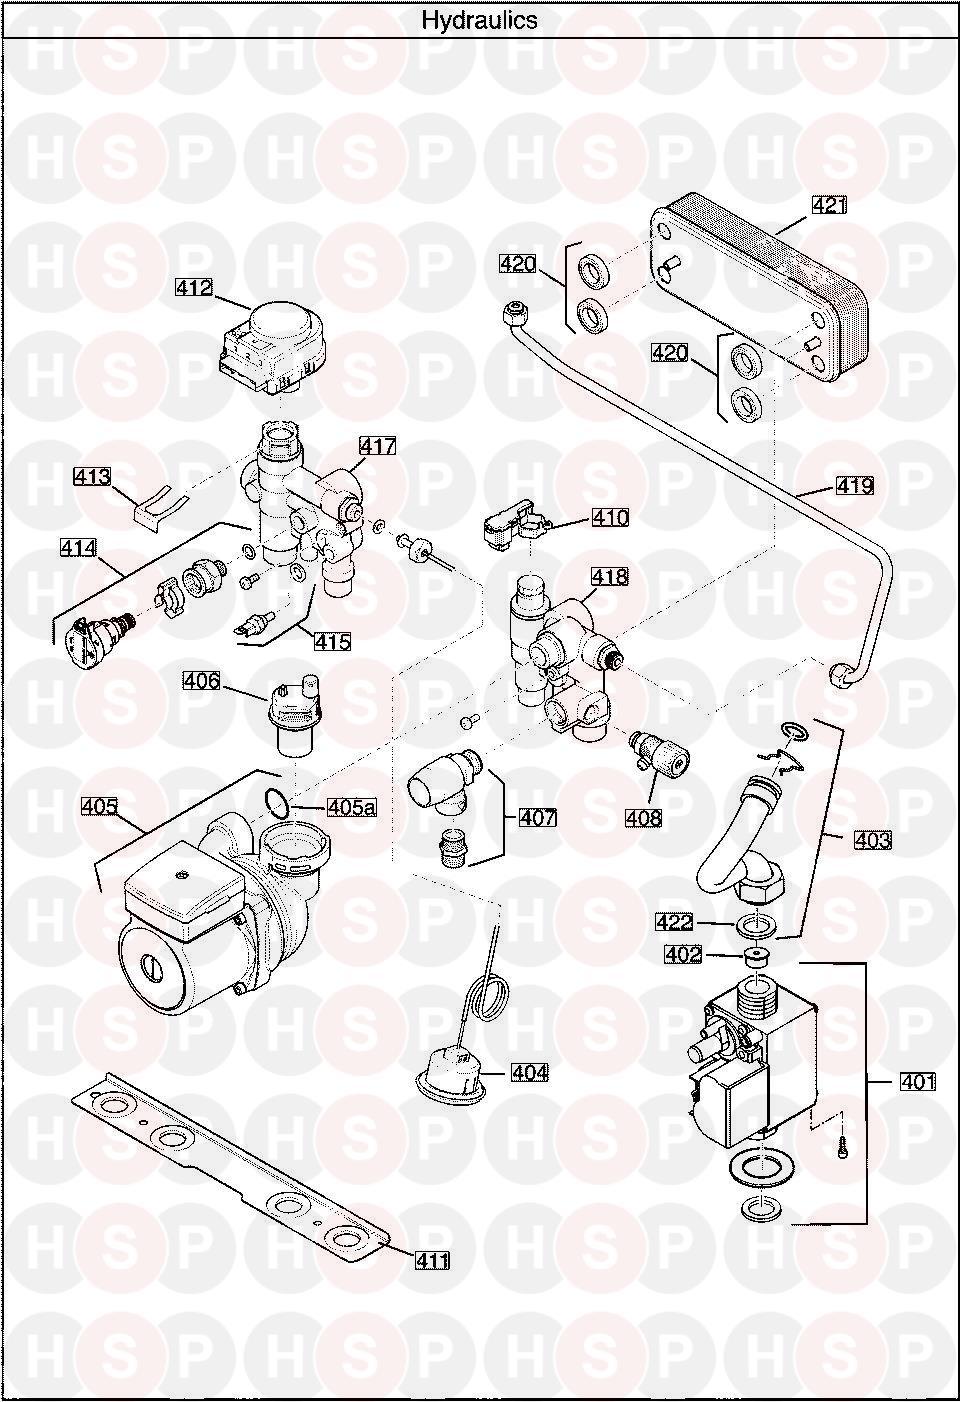 Baxi 40 Combi  Hydraulics Diagram